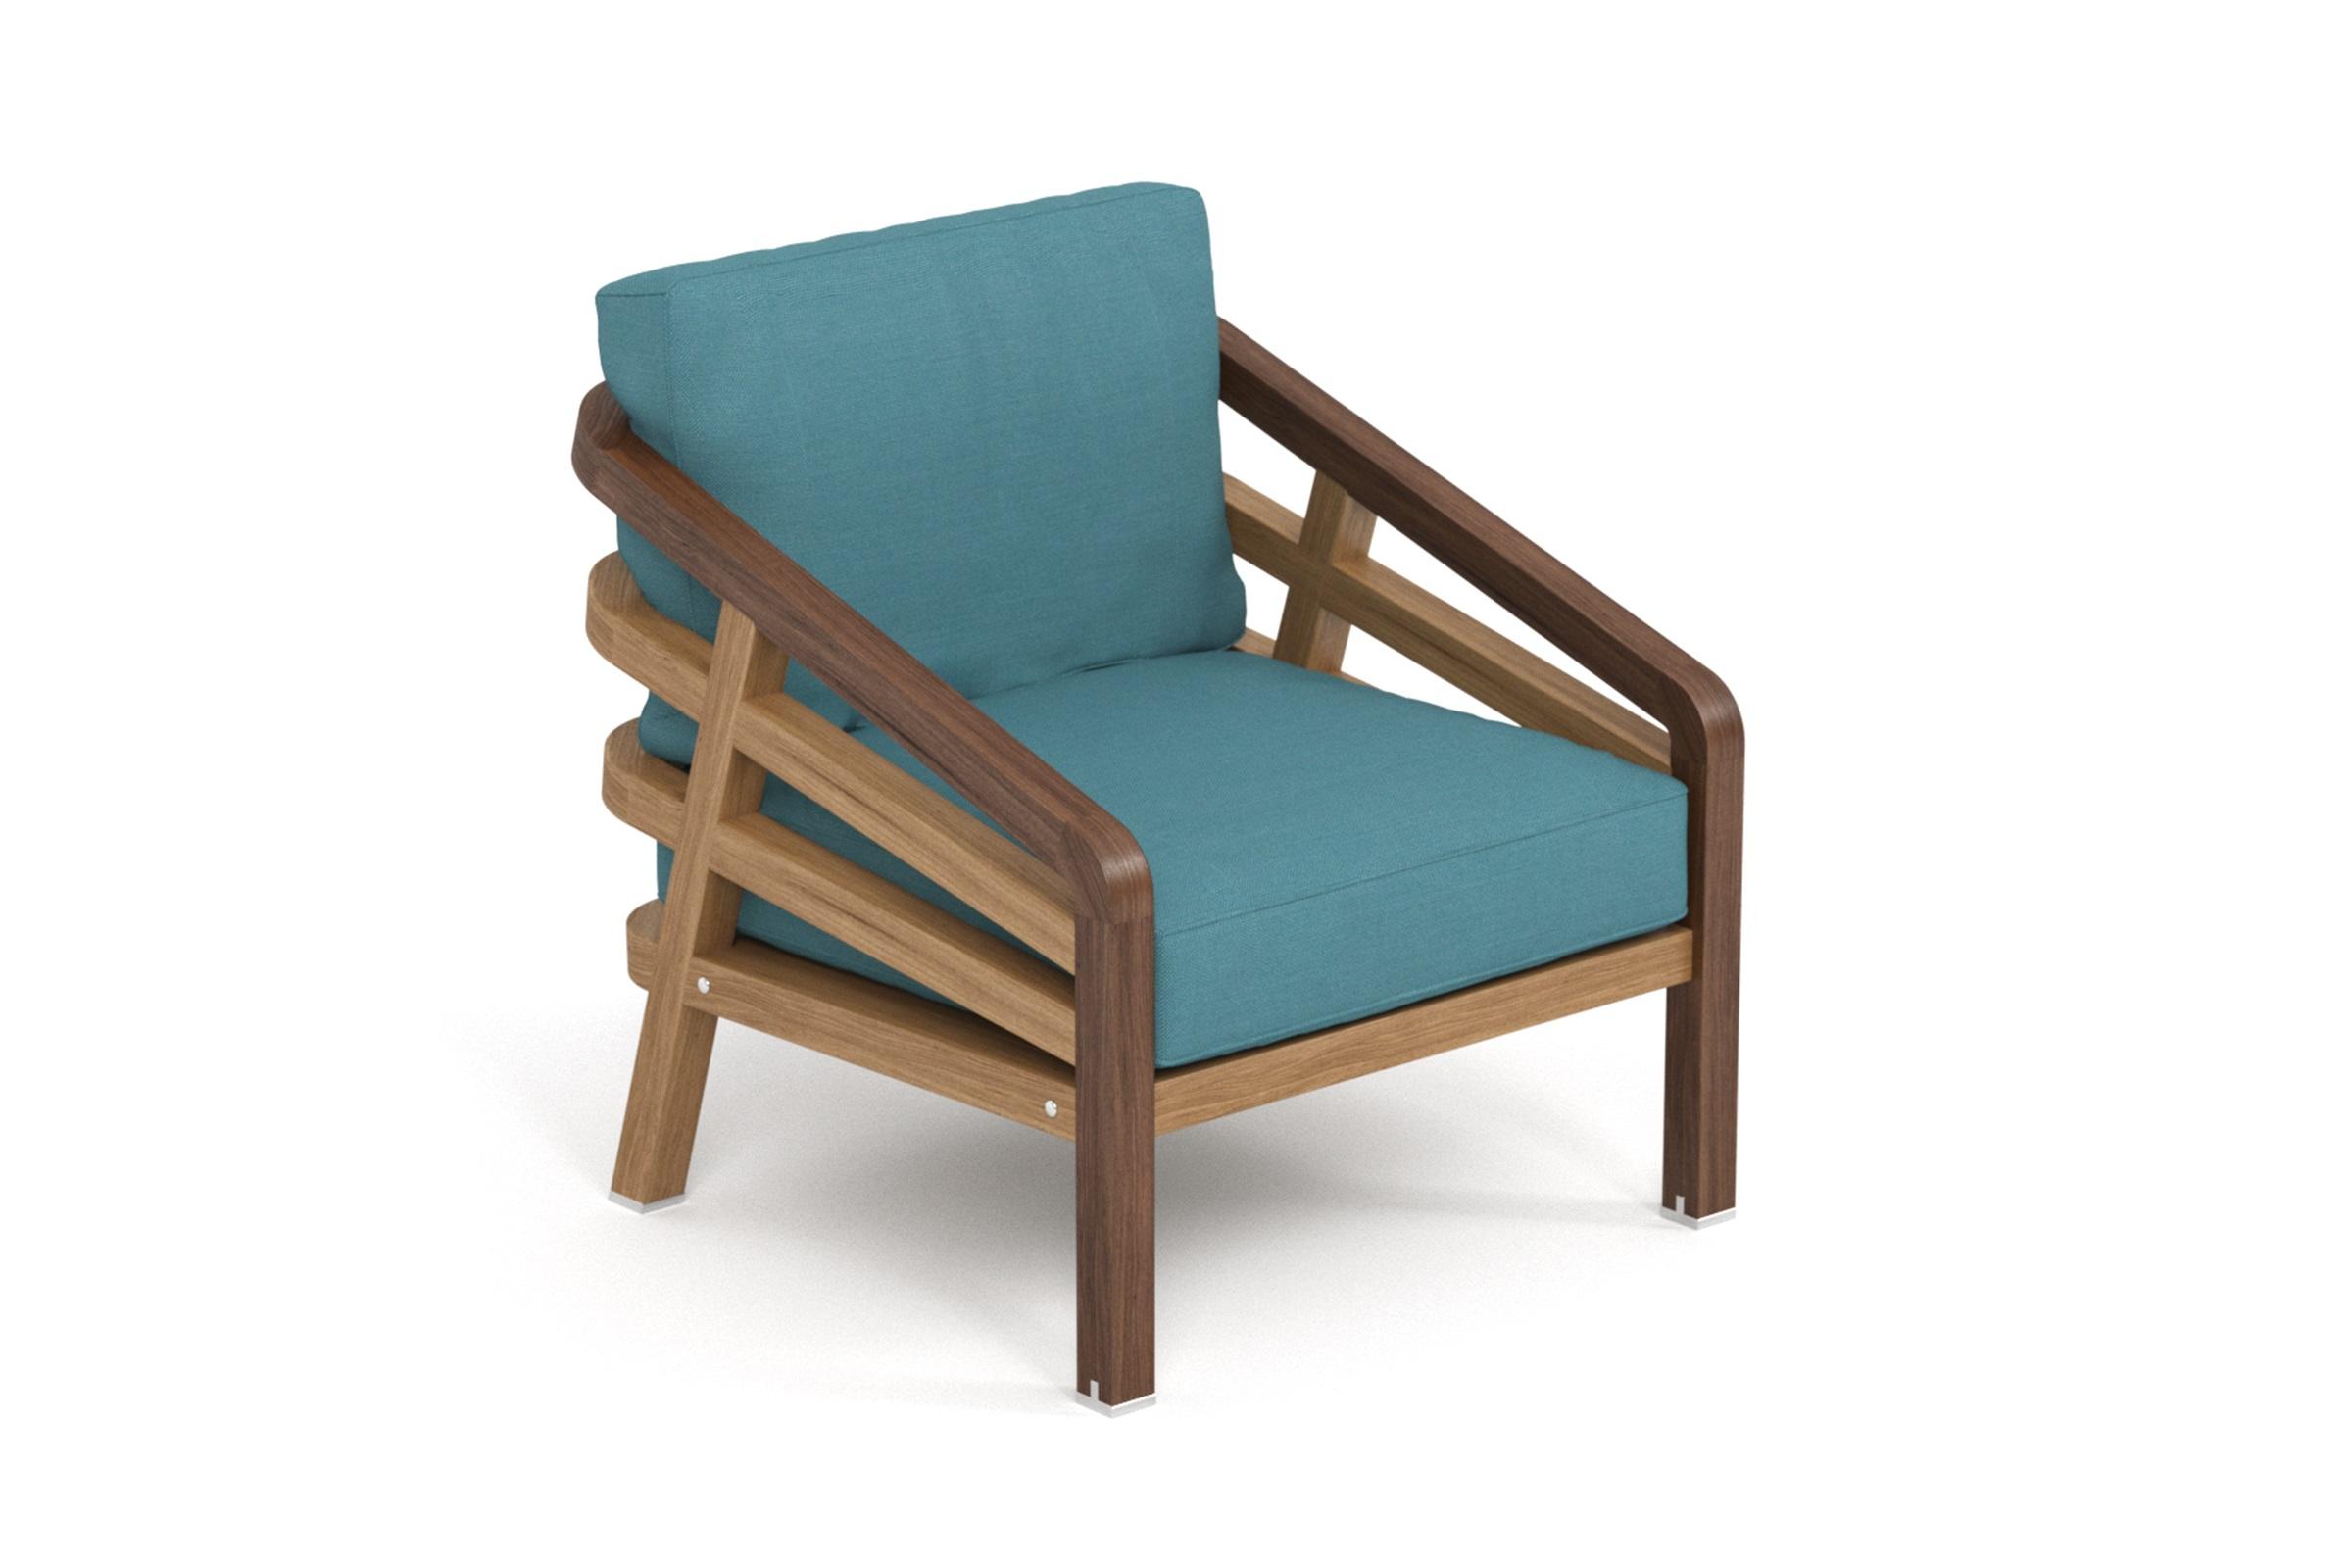 Кресло LagoonКресла для сада<br>&amp;lt;div&amp;gt;Коллекция LAGOON – коллекция, предназначенная для обустройства тихого уединенного места, в котором можно полностью расслабиться и забыть о суете. <br><br>Дизайн продуман так, чтобы можно было выбрать множество вариаций для отдыха: загорать на шезлонге или расположиться на удобном диване, подремать в <br><br>кресле или понежиться на кушетке.&amp;amp;nbsp;&amp;lt;/div&amp;gt;&amp;lt;div&amp;gt;Высота посадки:420мм.&amp;amp;nbsp;&amp;lt;/div&amp;gt;&amp;lt;div&amp;gt;&amp;lt;br&amp;gt;&amp;lt;/div&amp;gt;&amp;lt;div&amp;gt;Тик – прочная и твердая древесина, <br><br>относится к ценным породам. Мебель из тика допускает круглогодичную эксплуатацию на открытом воздухе, выдерживает перепады температур от –30 до +30С. <br><br>Срок службы более 25 лет.&amp;amp;nbsp;&amp;lt;/div&amp;gt;&amp;lt;br&amp;gt;&amp;lt;div&amp;gt;Sunbrella® – акриловая ткань с водоотталкивающими свойствами от мирового лидера в производстве тканей для <br><br>яхт. Ткани Sunbrella изготавливаются из окрашиваемого в растворе акрилового волокна. Обработка, препятствующая образованию пятен, защищает ткани <br><br>Sunbrella, которые допускают машинную стирку и обеспечивают защиту от УФ-лучей&amp;lt;/div&amp;gt;&amp;lt;div&amp;gt;&amp;lt;br&amp;gt;&amp;lt;/div&amp;gt;&amp;lt;iframe width=&amp;quot;530&amp;quot; height=&amp;quot;300&amp;quot; src=&amp;quot;https://www.youtube.com/embed/uL9Kujh07kc&amp;quot; frameborder=&amp;quot;0&amp;quot; allowfullscreen=&amp;quot;&amp;quot;&amp;gt;&amp;lt;/iframe&amp;gt;<br><br>Material: Тик<br>Ширина см: 69<br>Высота см: 83.0<br>Глубина см: 76